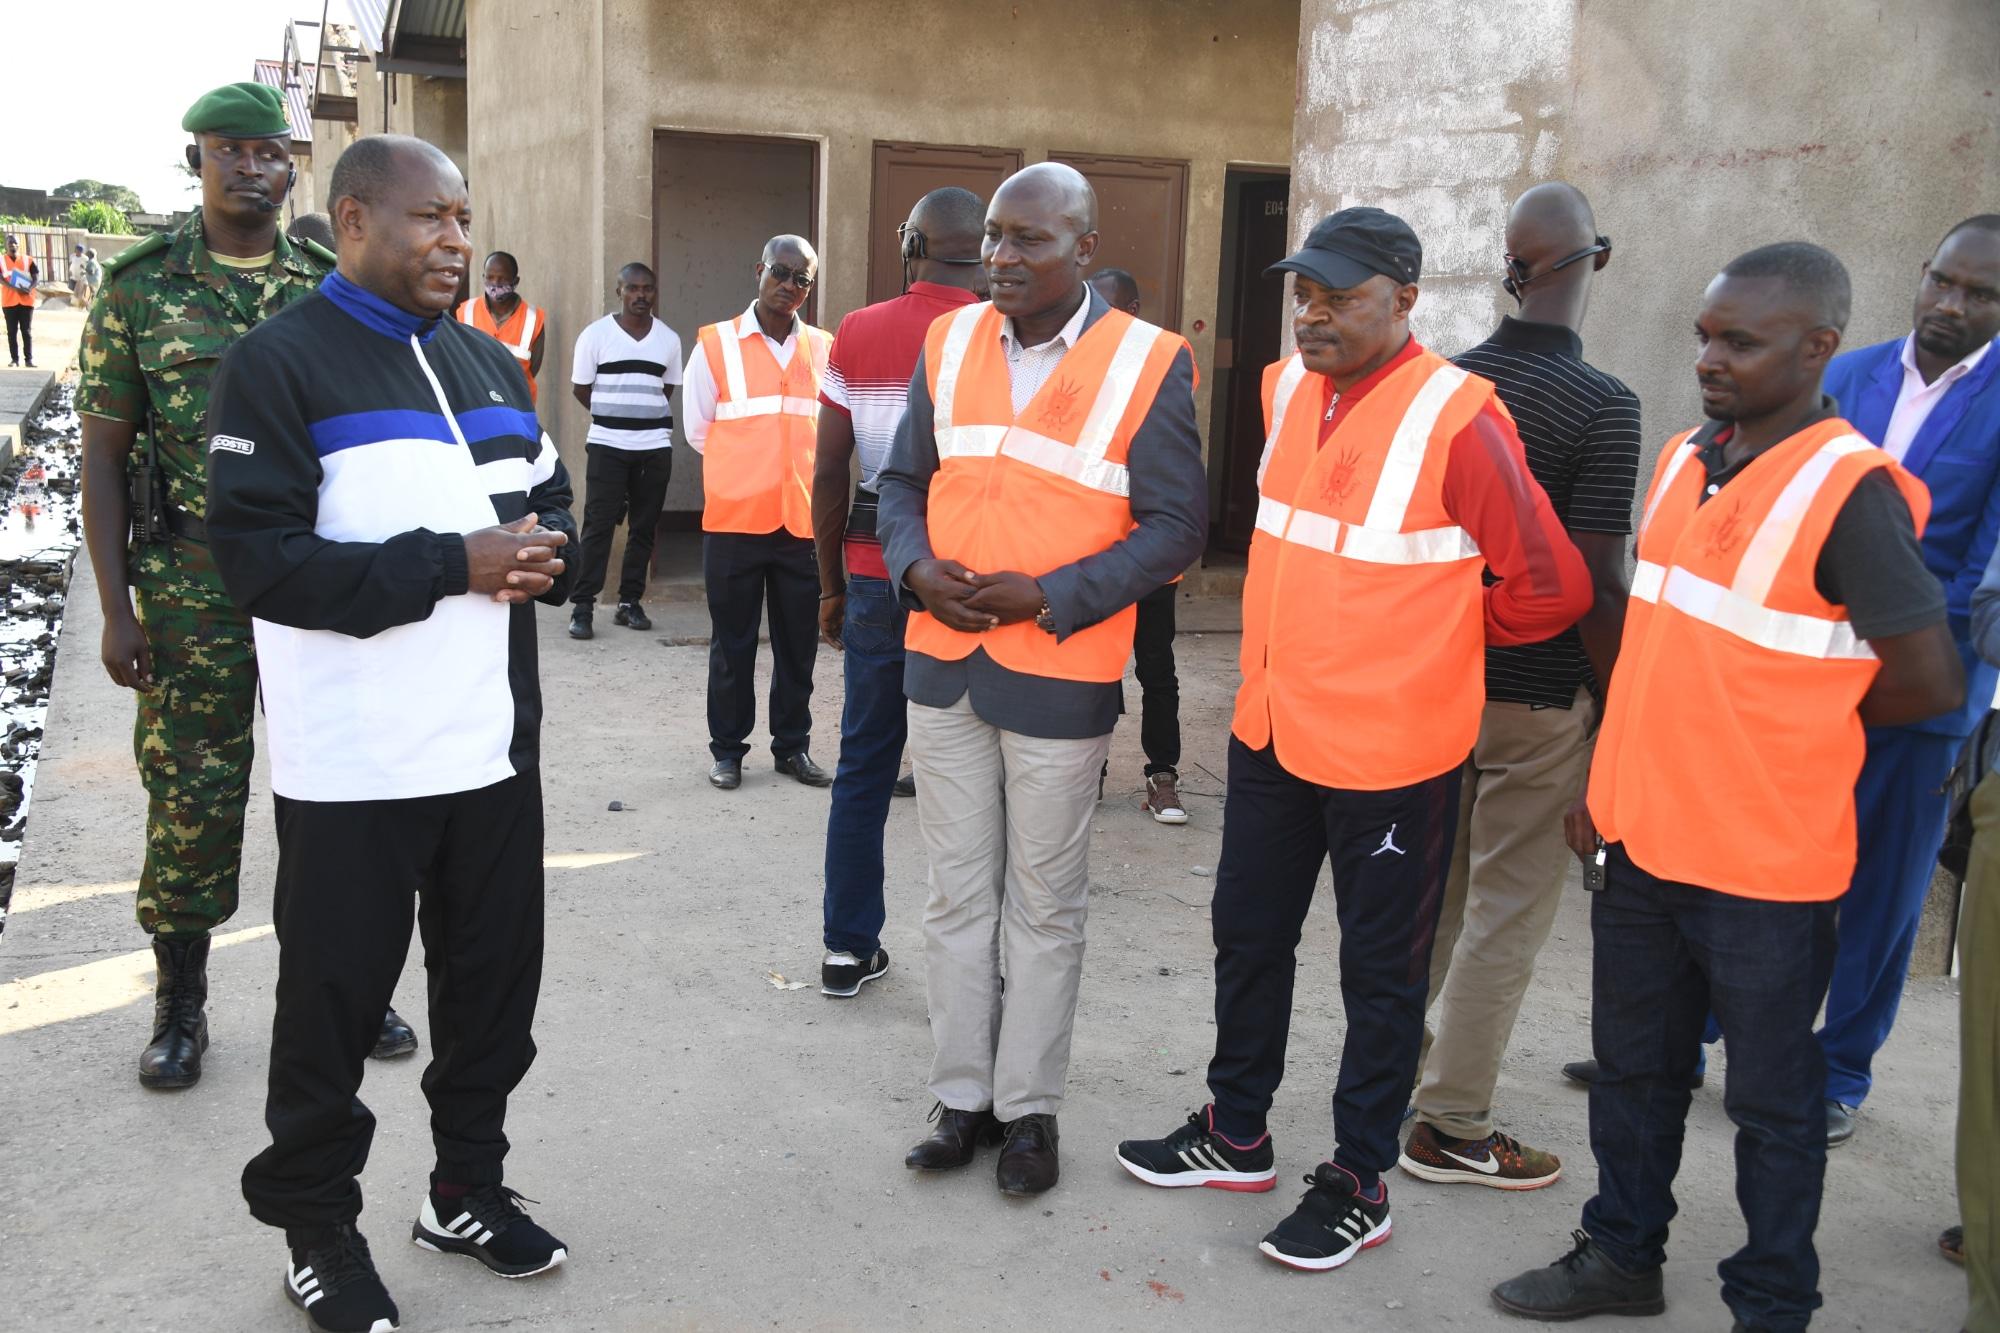 Le Chef de l'Etat recommade au comité de suivi de la reconstruction du marché de Kamenge de respecter l'échéance des travaux